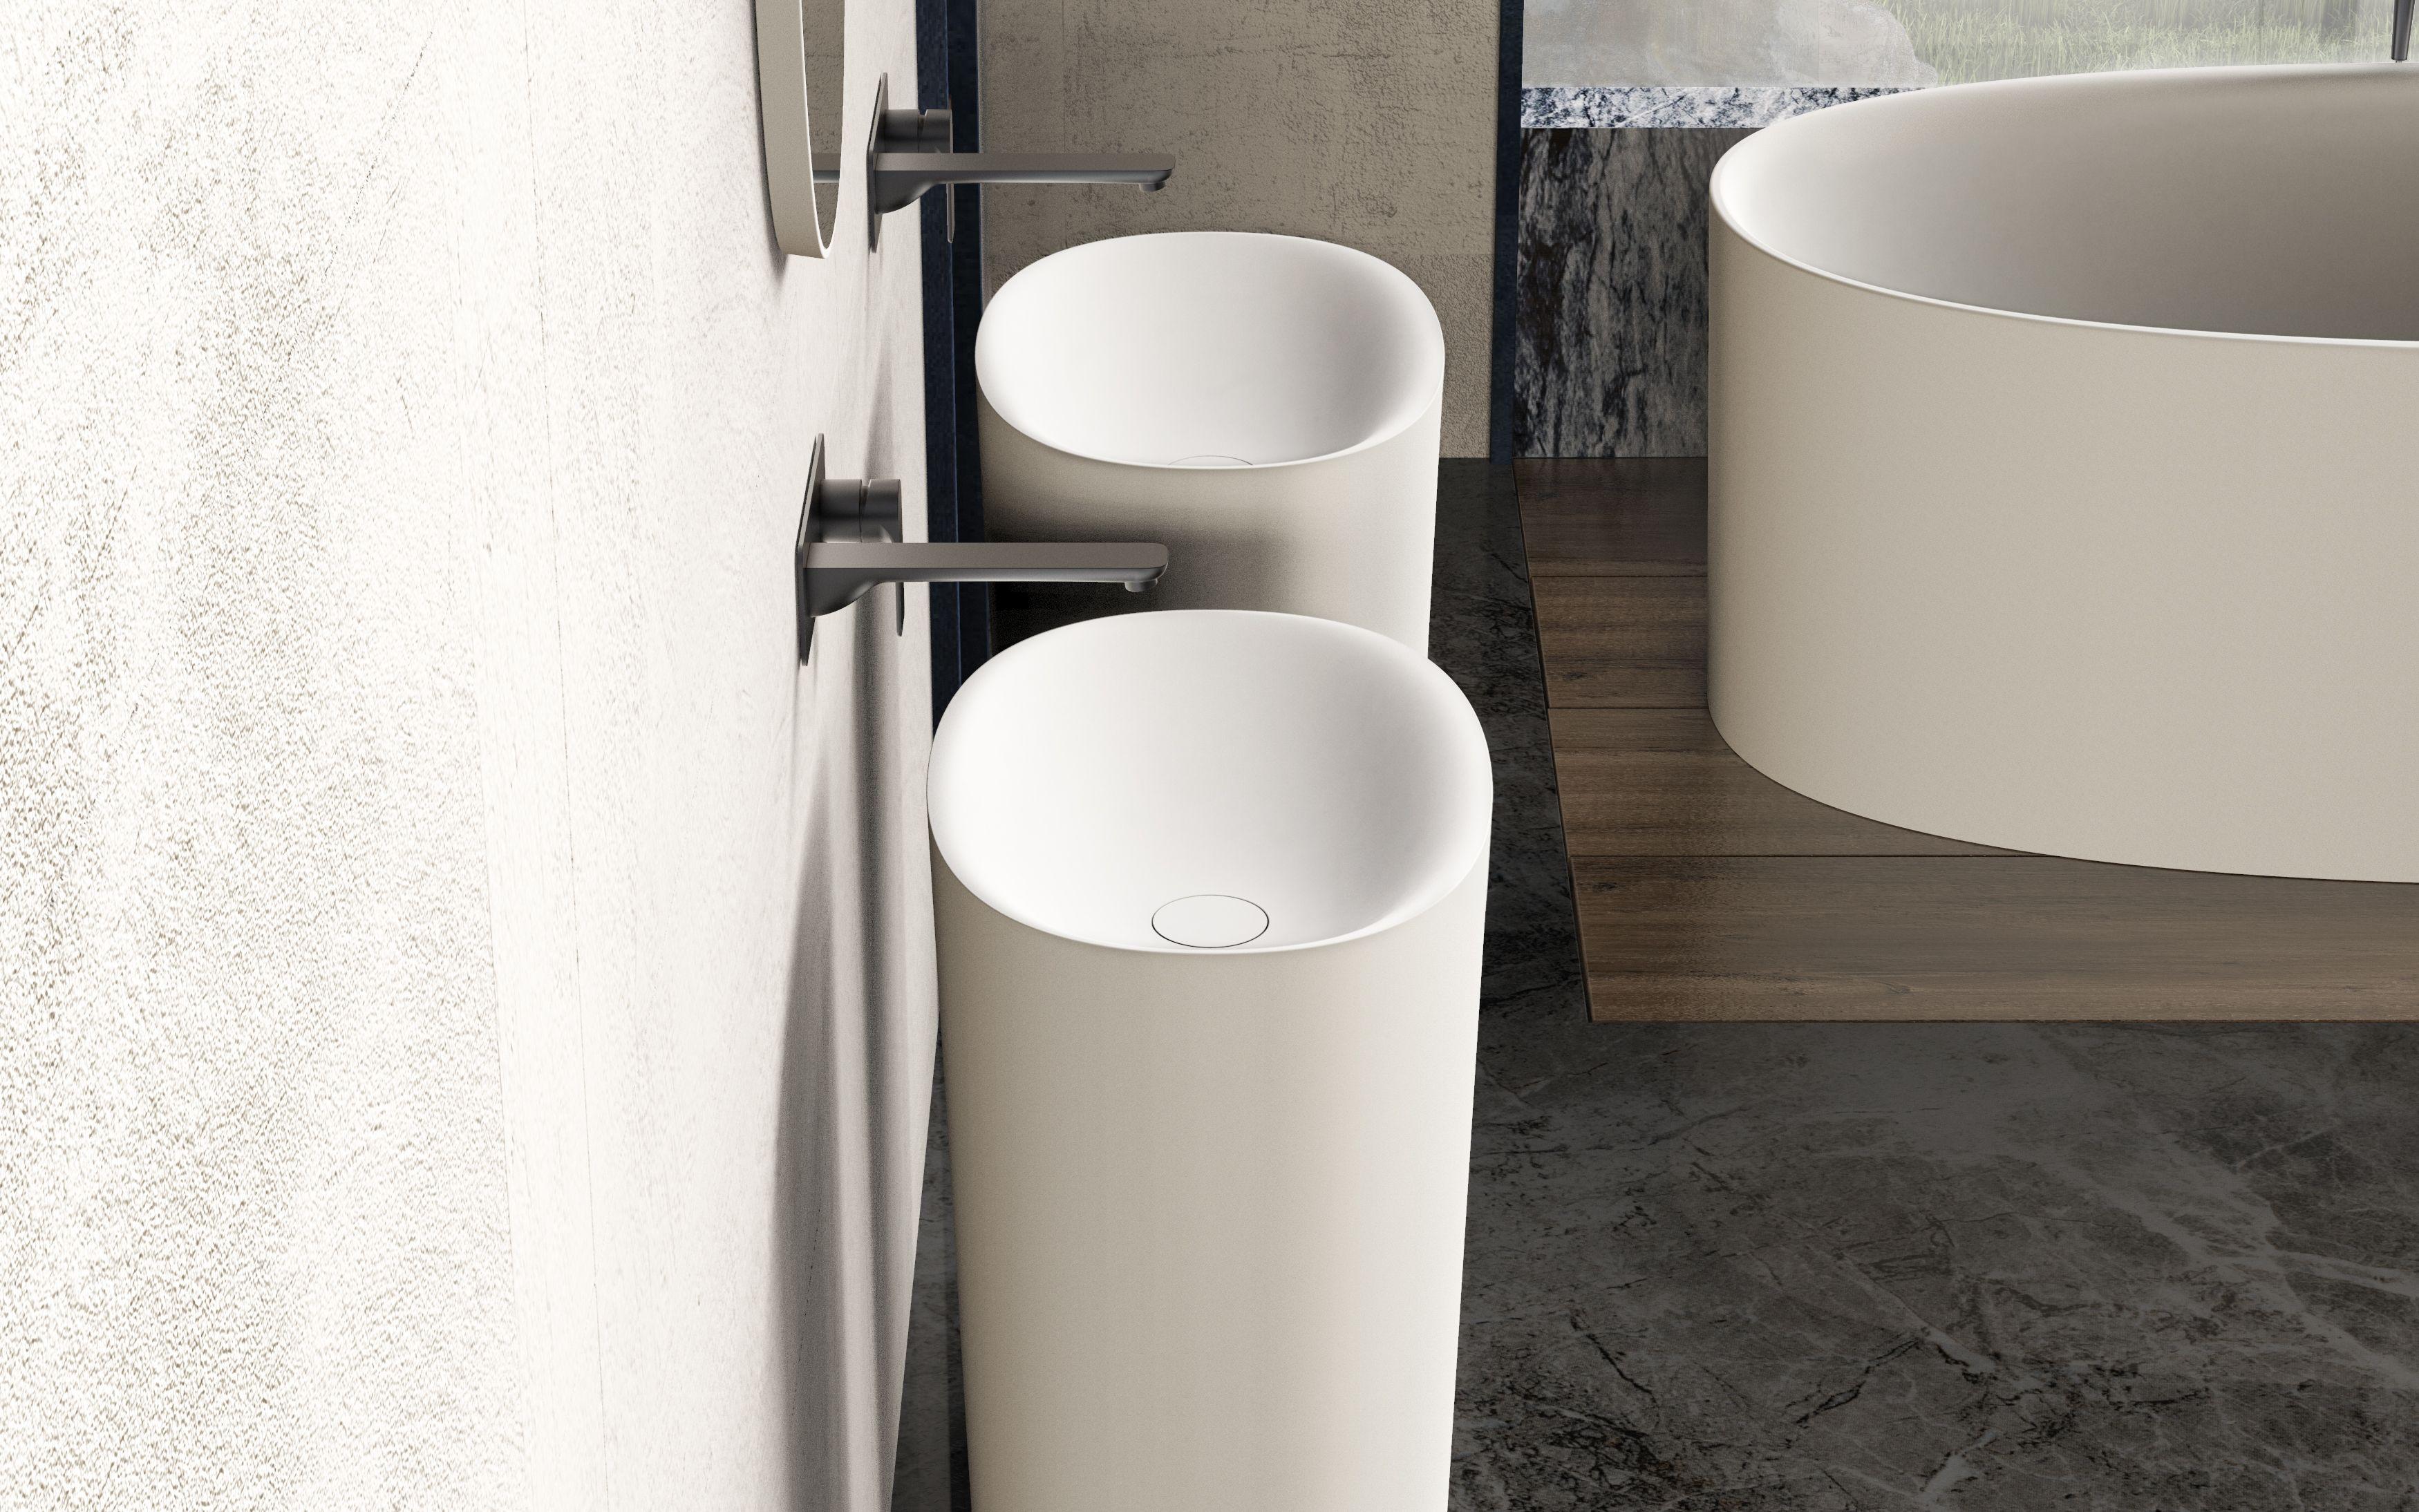 Luxury Plumbing Fixtures Plumbing Fixtures House Design